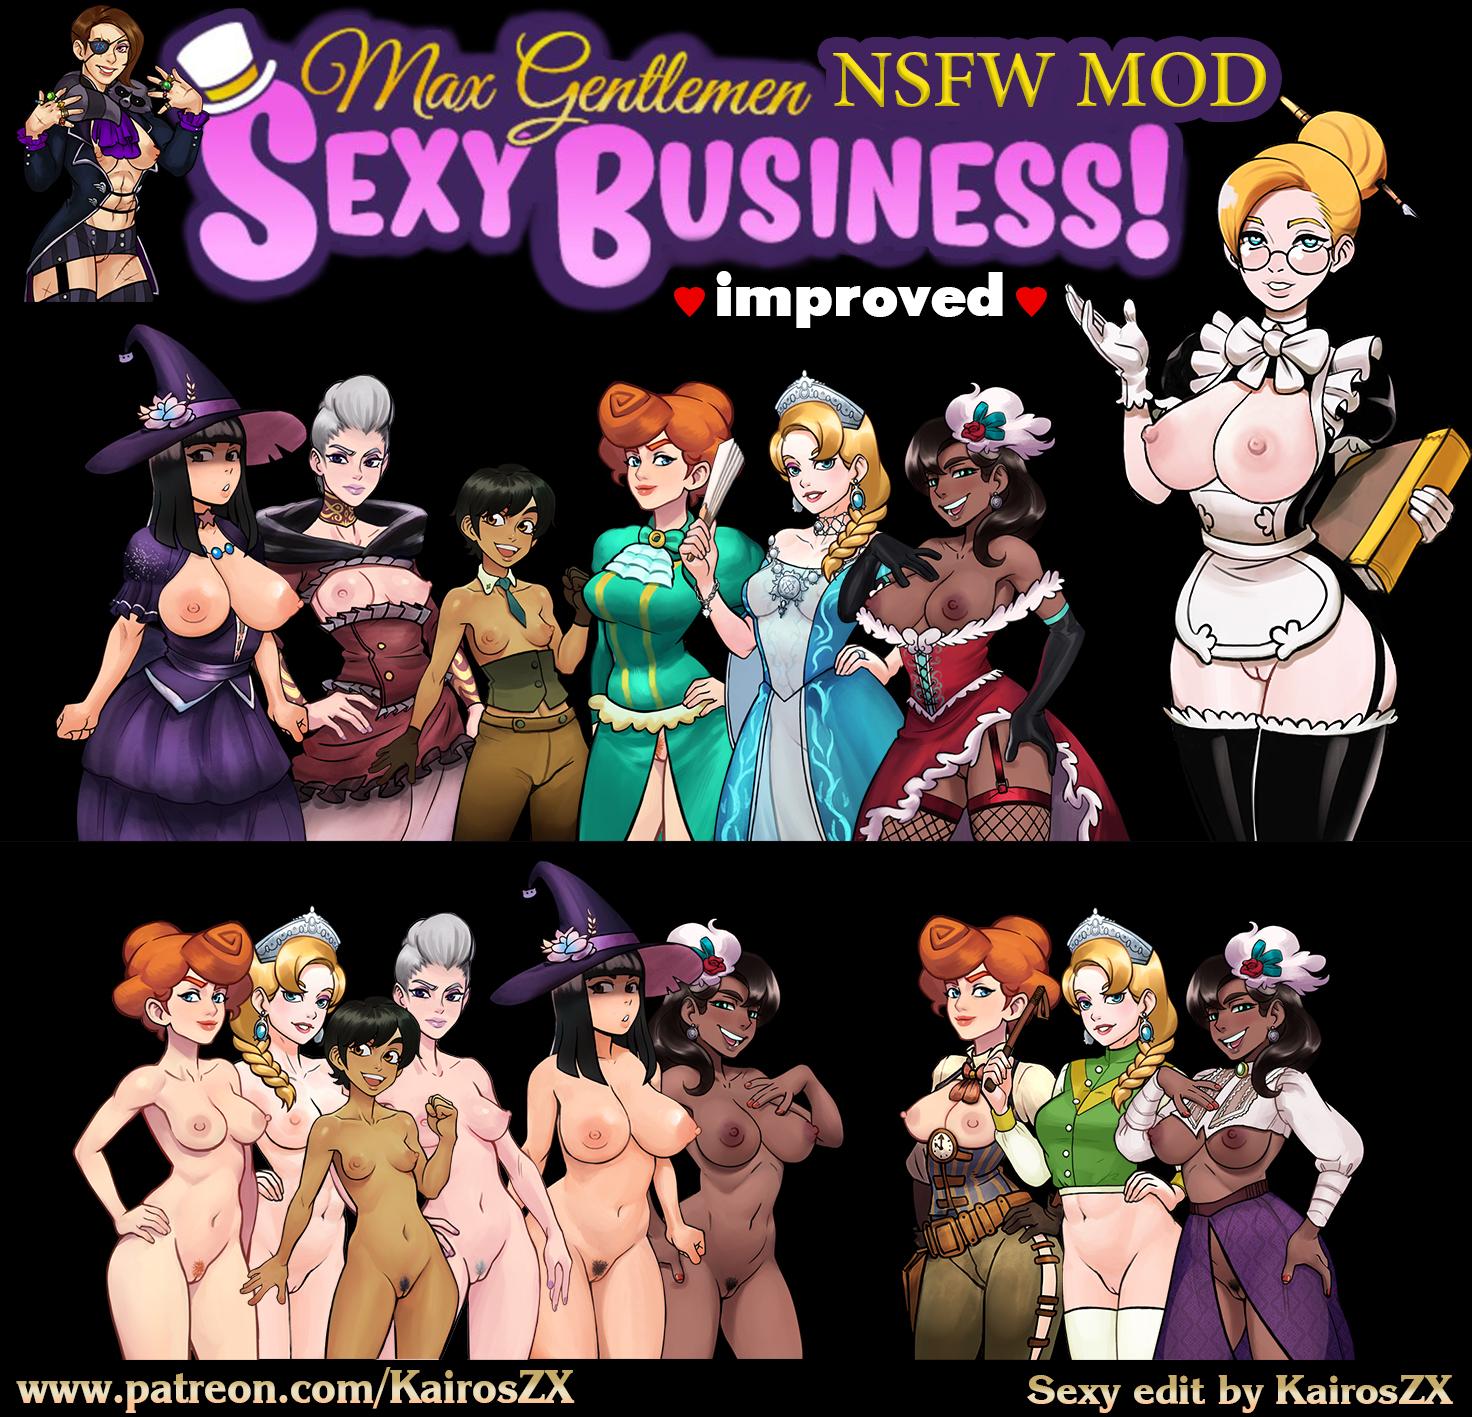 Max Gentlemen Sexy Business.jpg